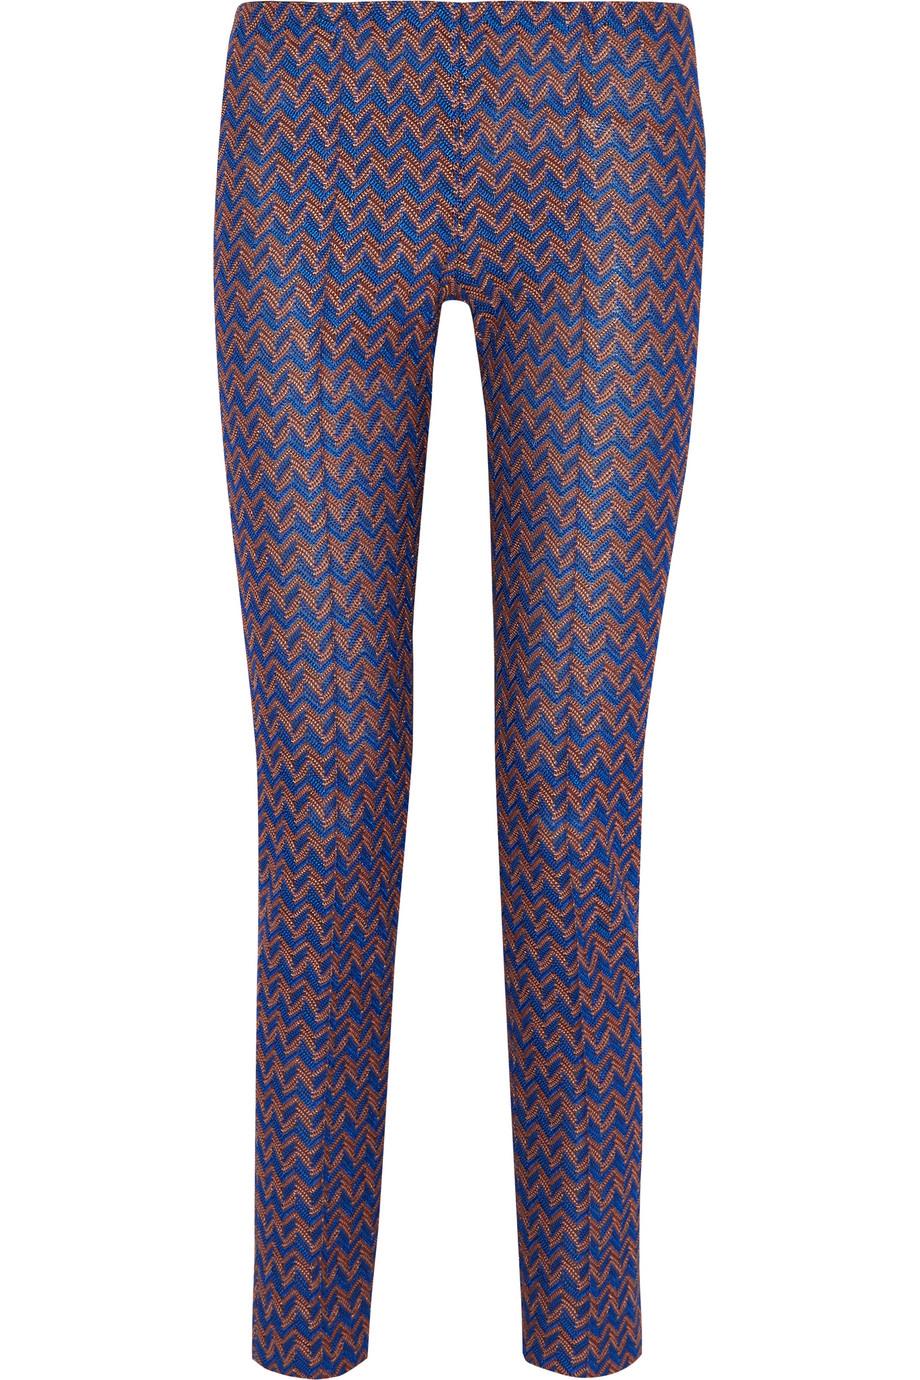 Missoni Crochet-Knit Slim-Leg Pants, Blue/Metallic, Women's, Size: 44